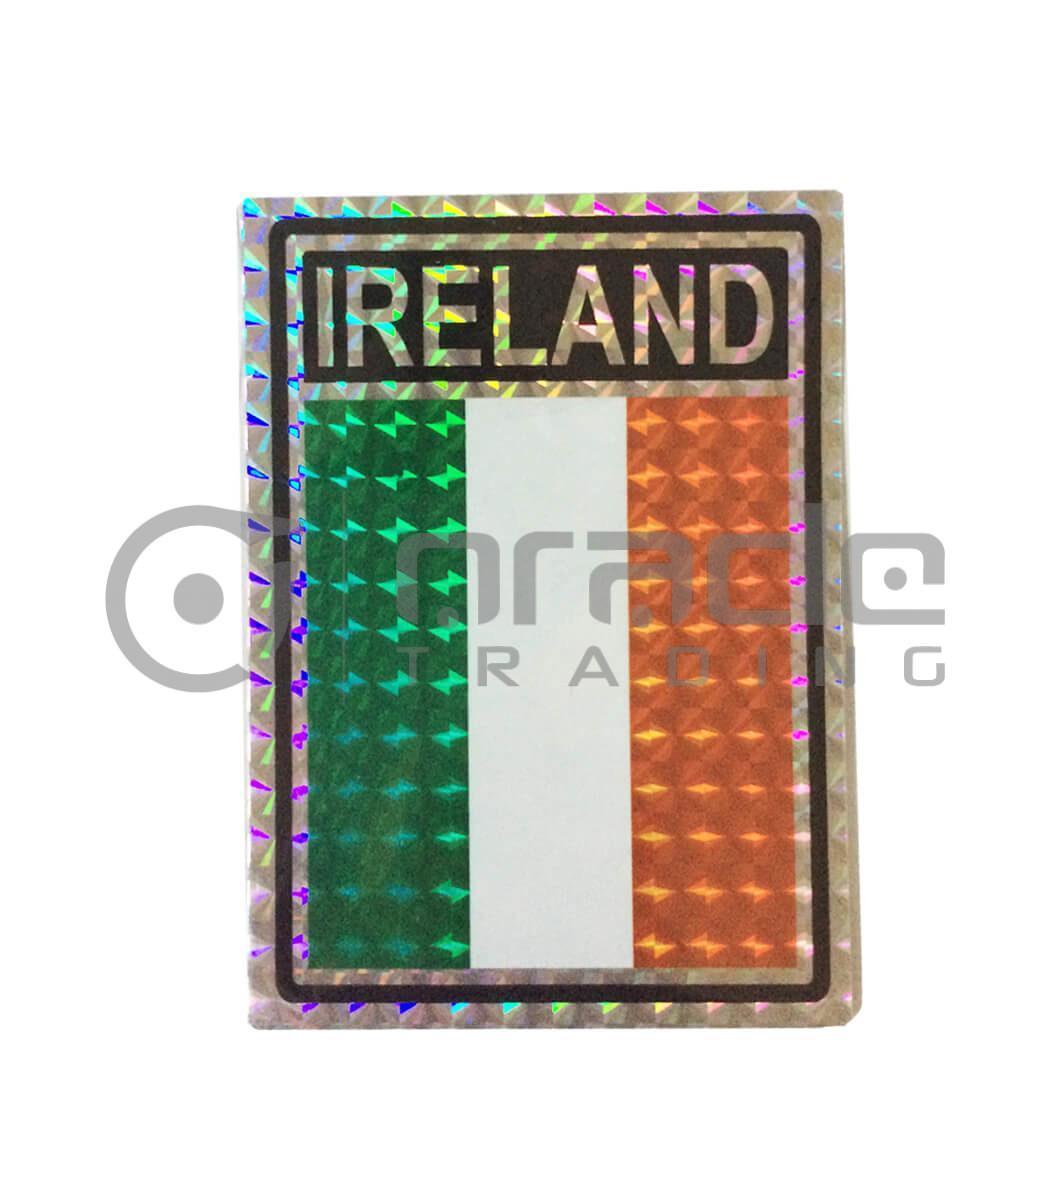 Ireland Square Bumper Sticker